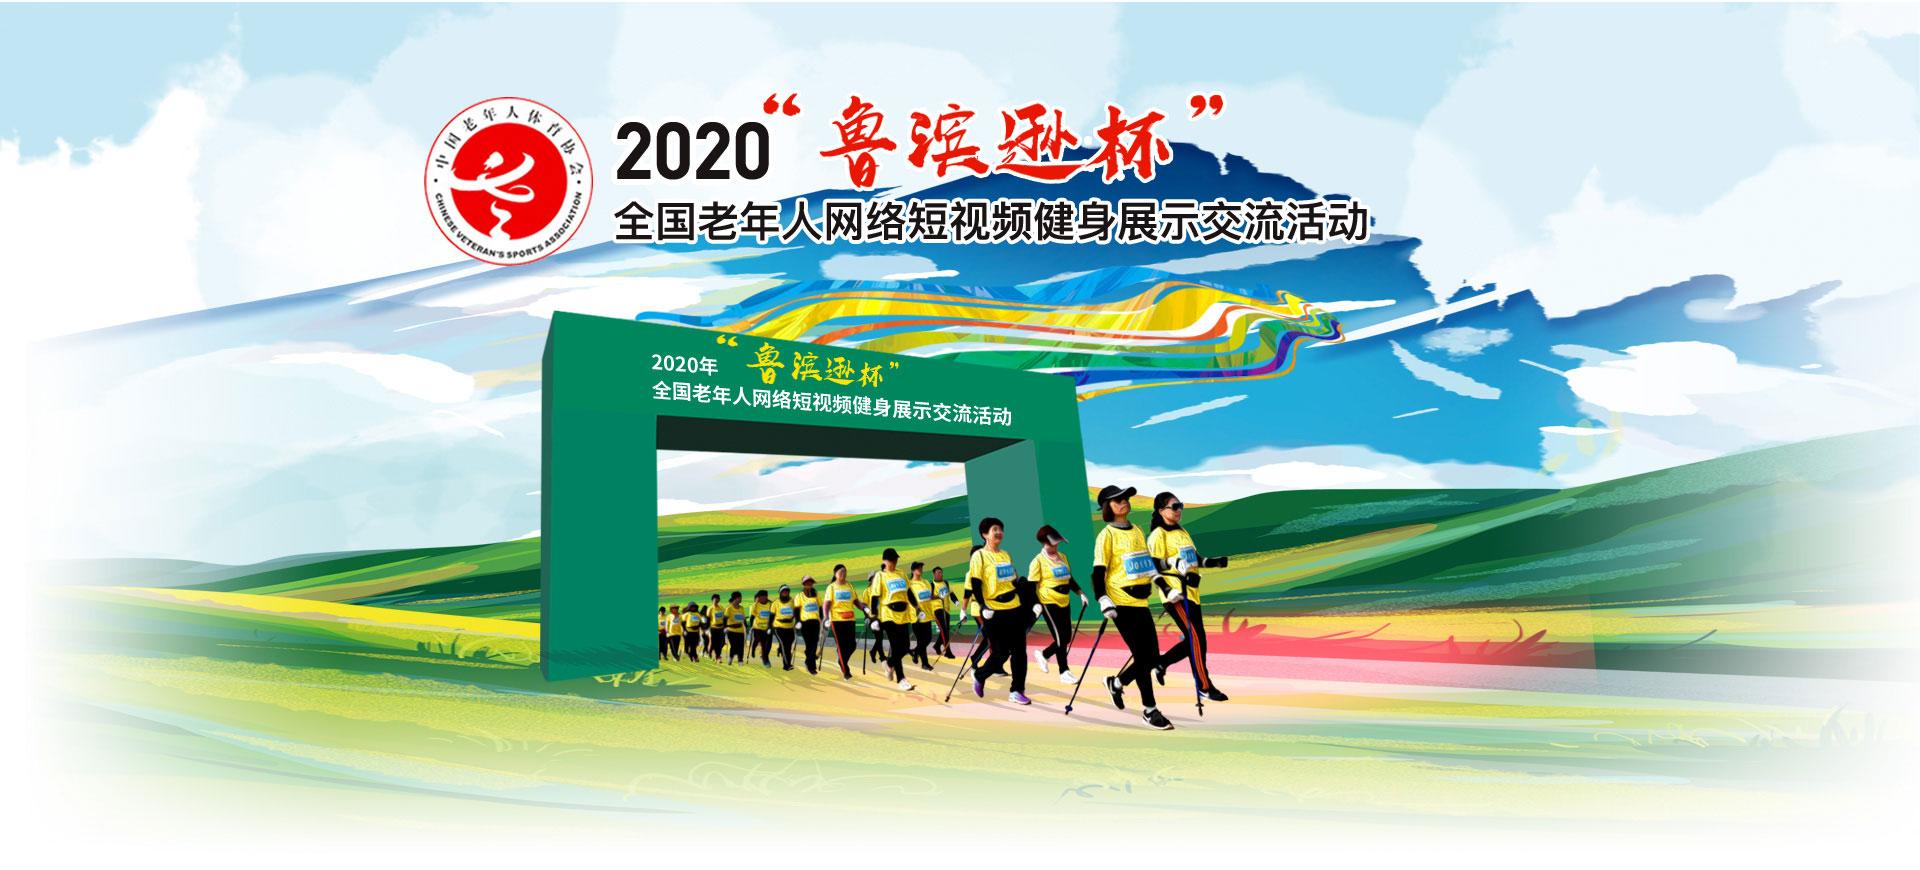 """2020年""""鲁滨逊杯""""全国老年人网络短视频健身展示交流活动"""